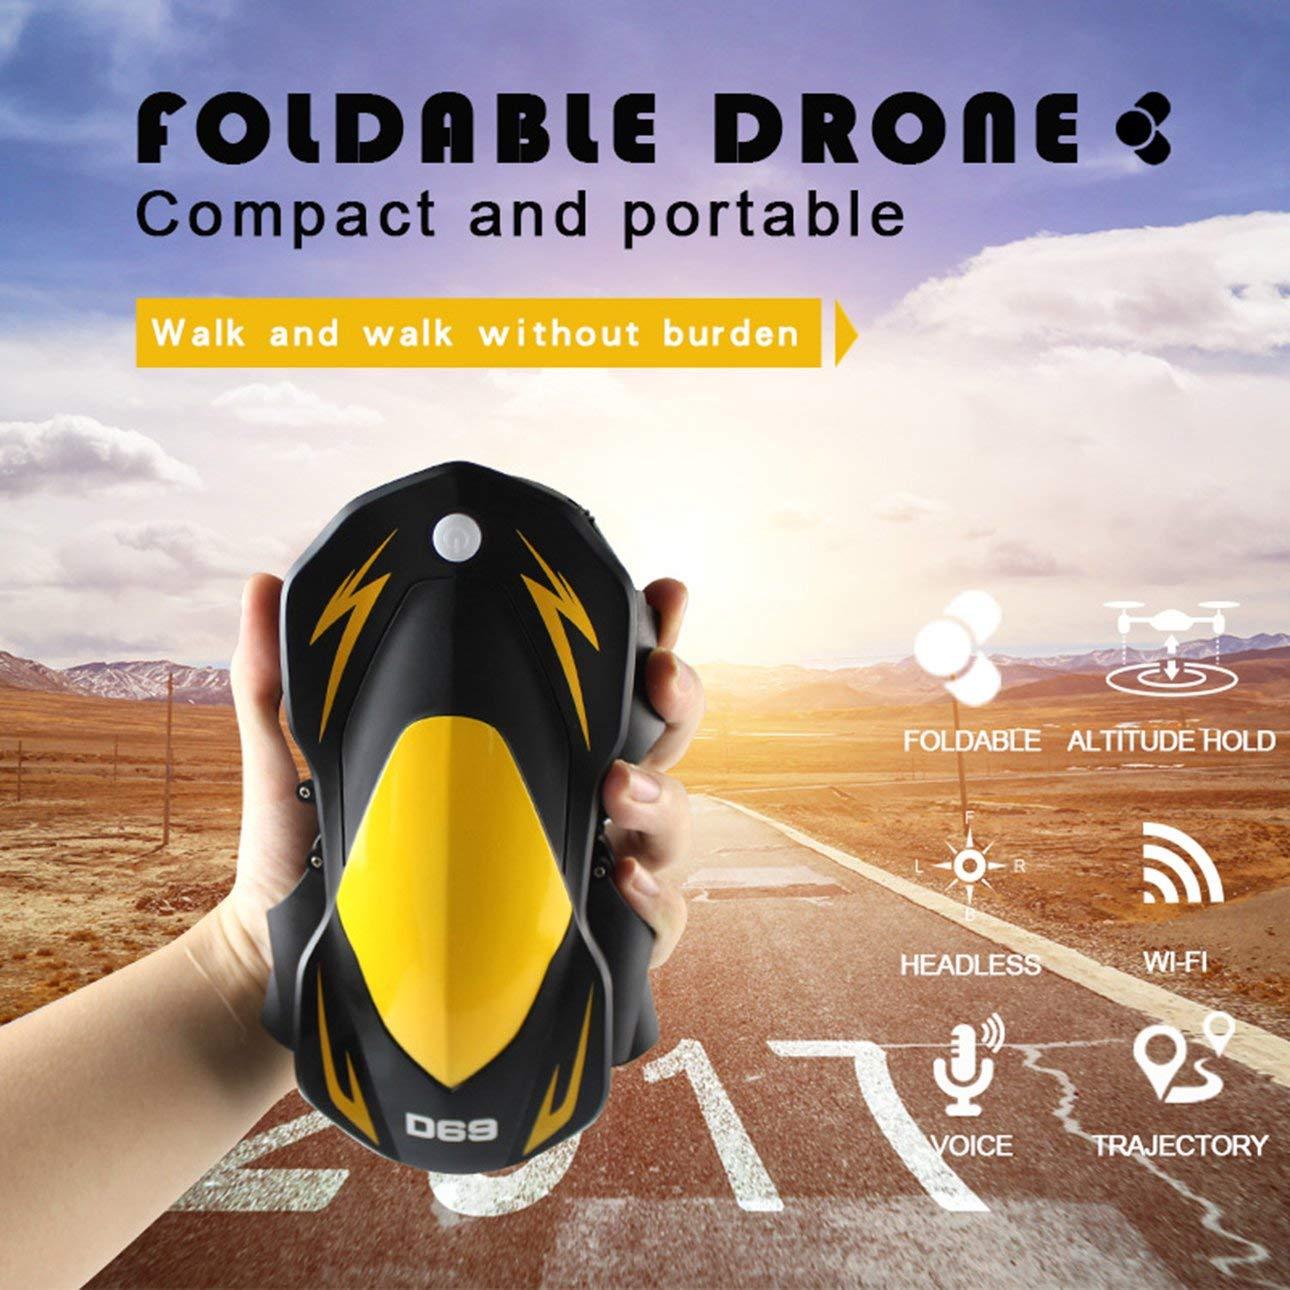 Ballylelly Drone RC con CameraD69 Drone con Telecamera 720P 2.4 GHz RC Control WiFi FPV Holding Quota Pieghevole Gravity Sense Control Fixed RC Quadcopter